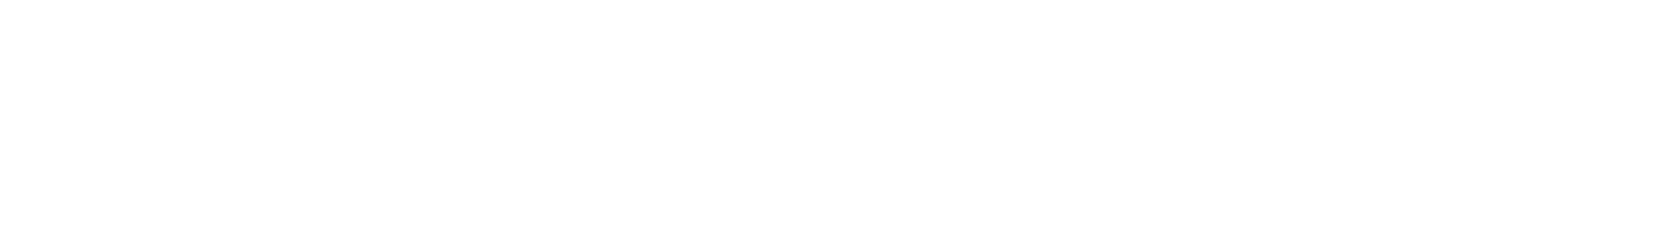 Joshua Bowers Eno logo